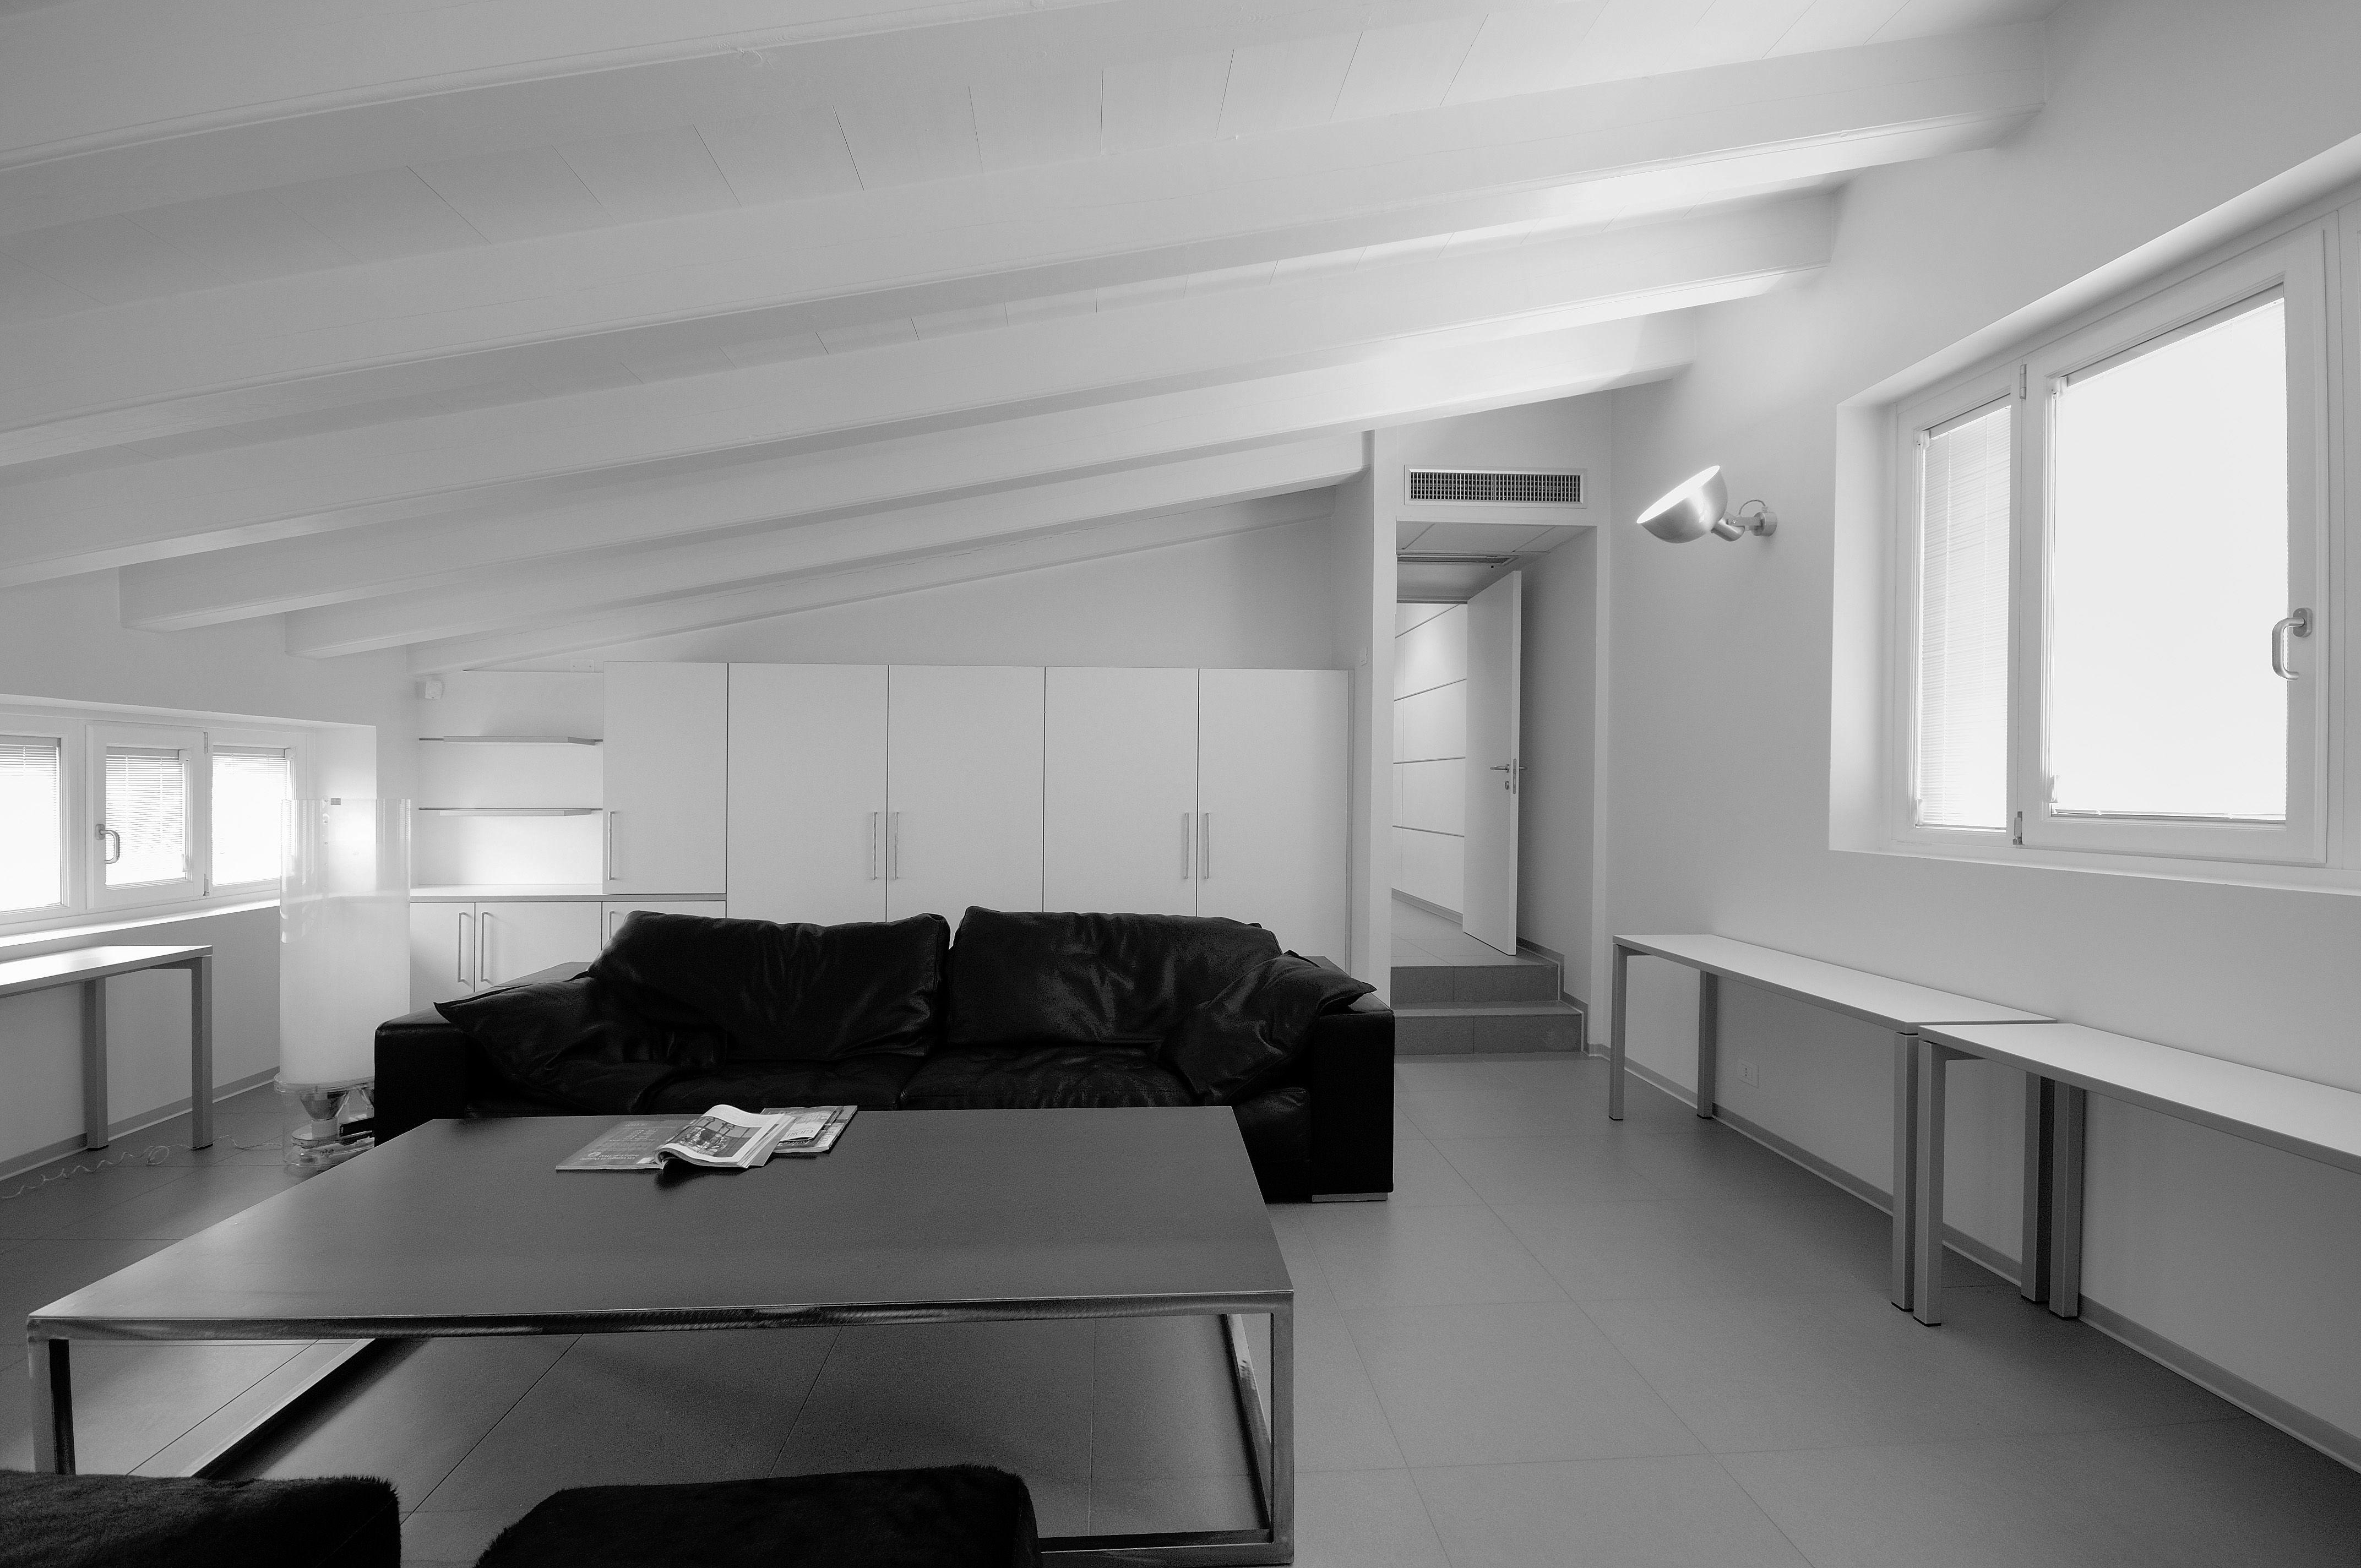 Pannello sughero isolante idee di architettura d 39 interni for Arredamento studio odontoiatrico